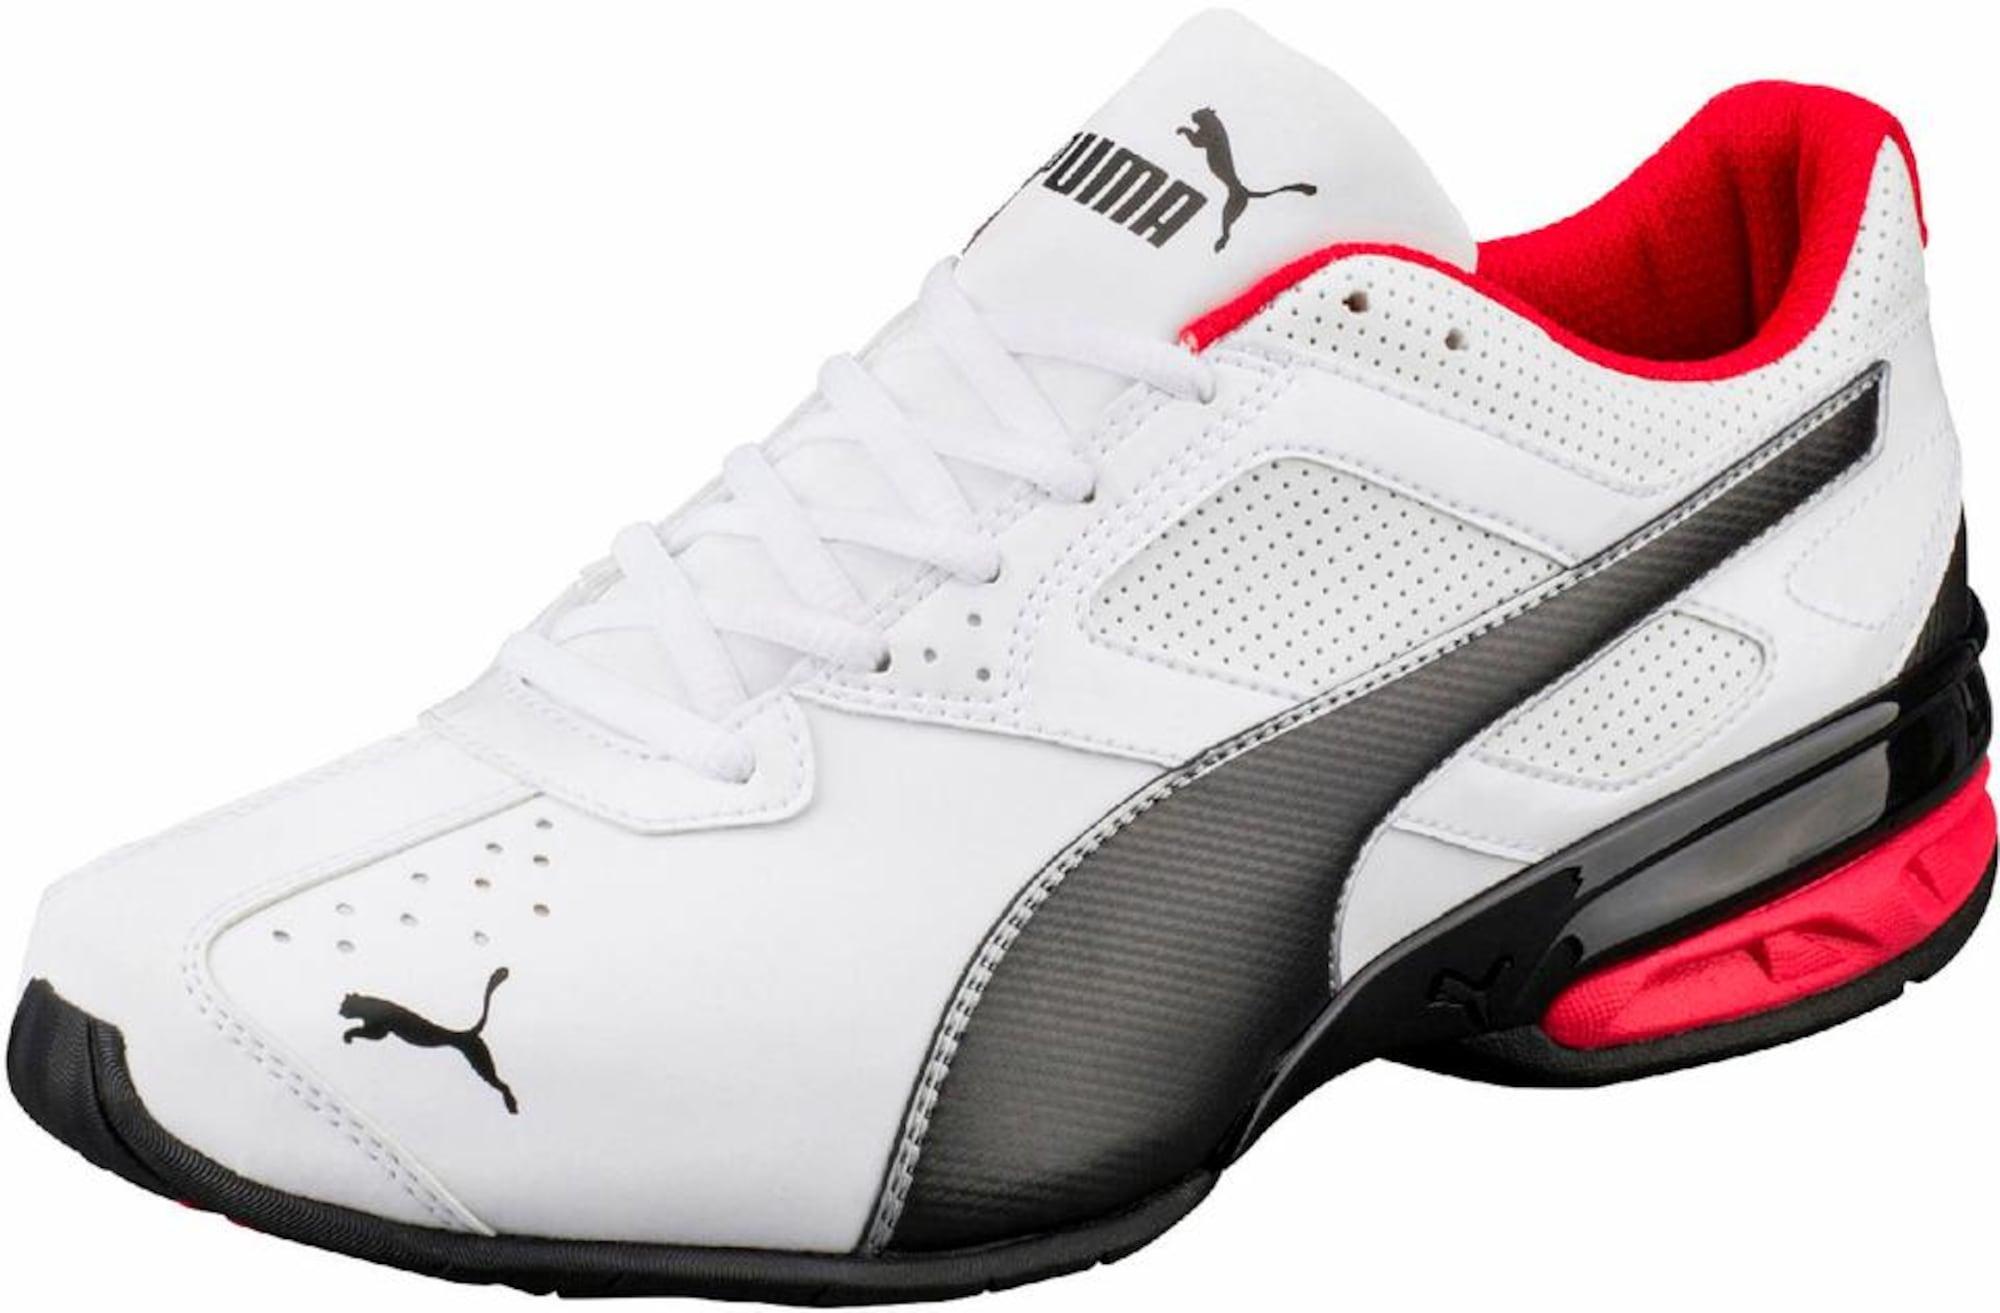 Sportovní boty Tazon 6 antracitová červená černá bílá PUMA